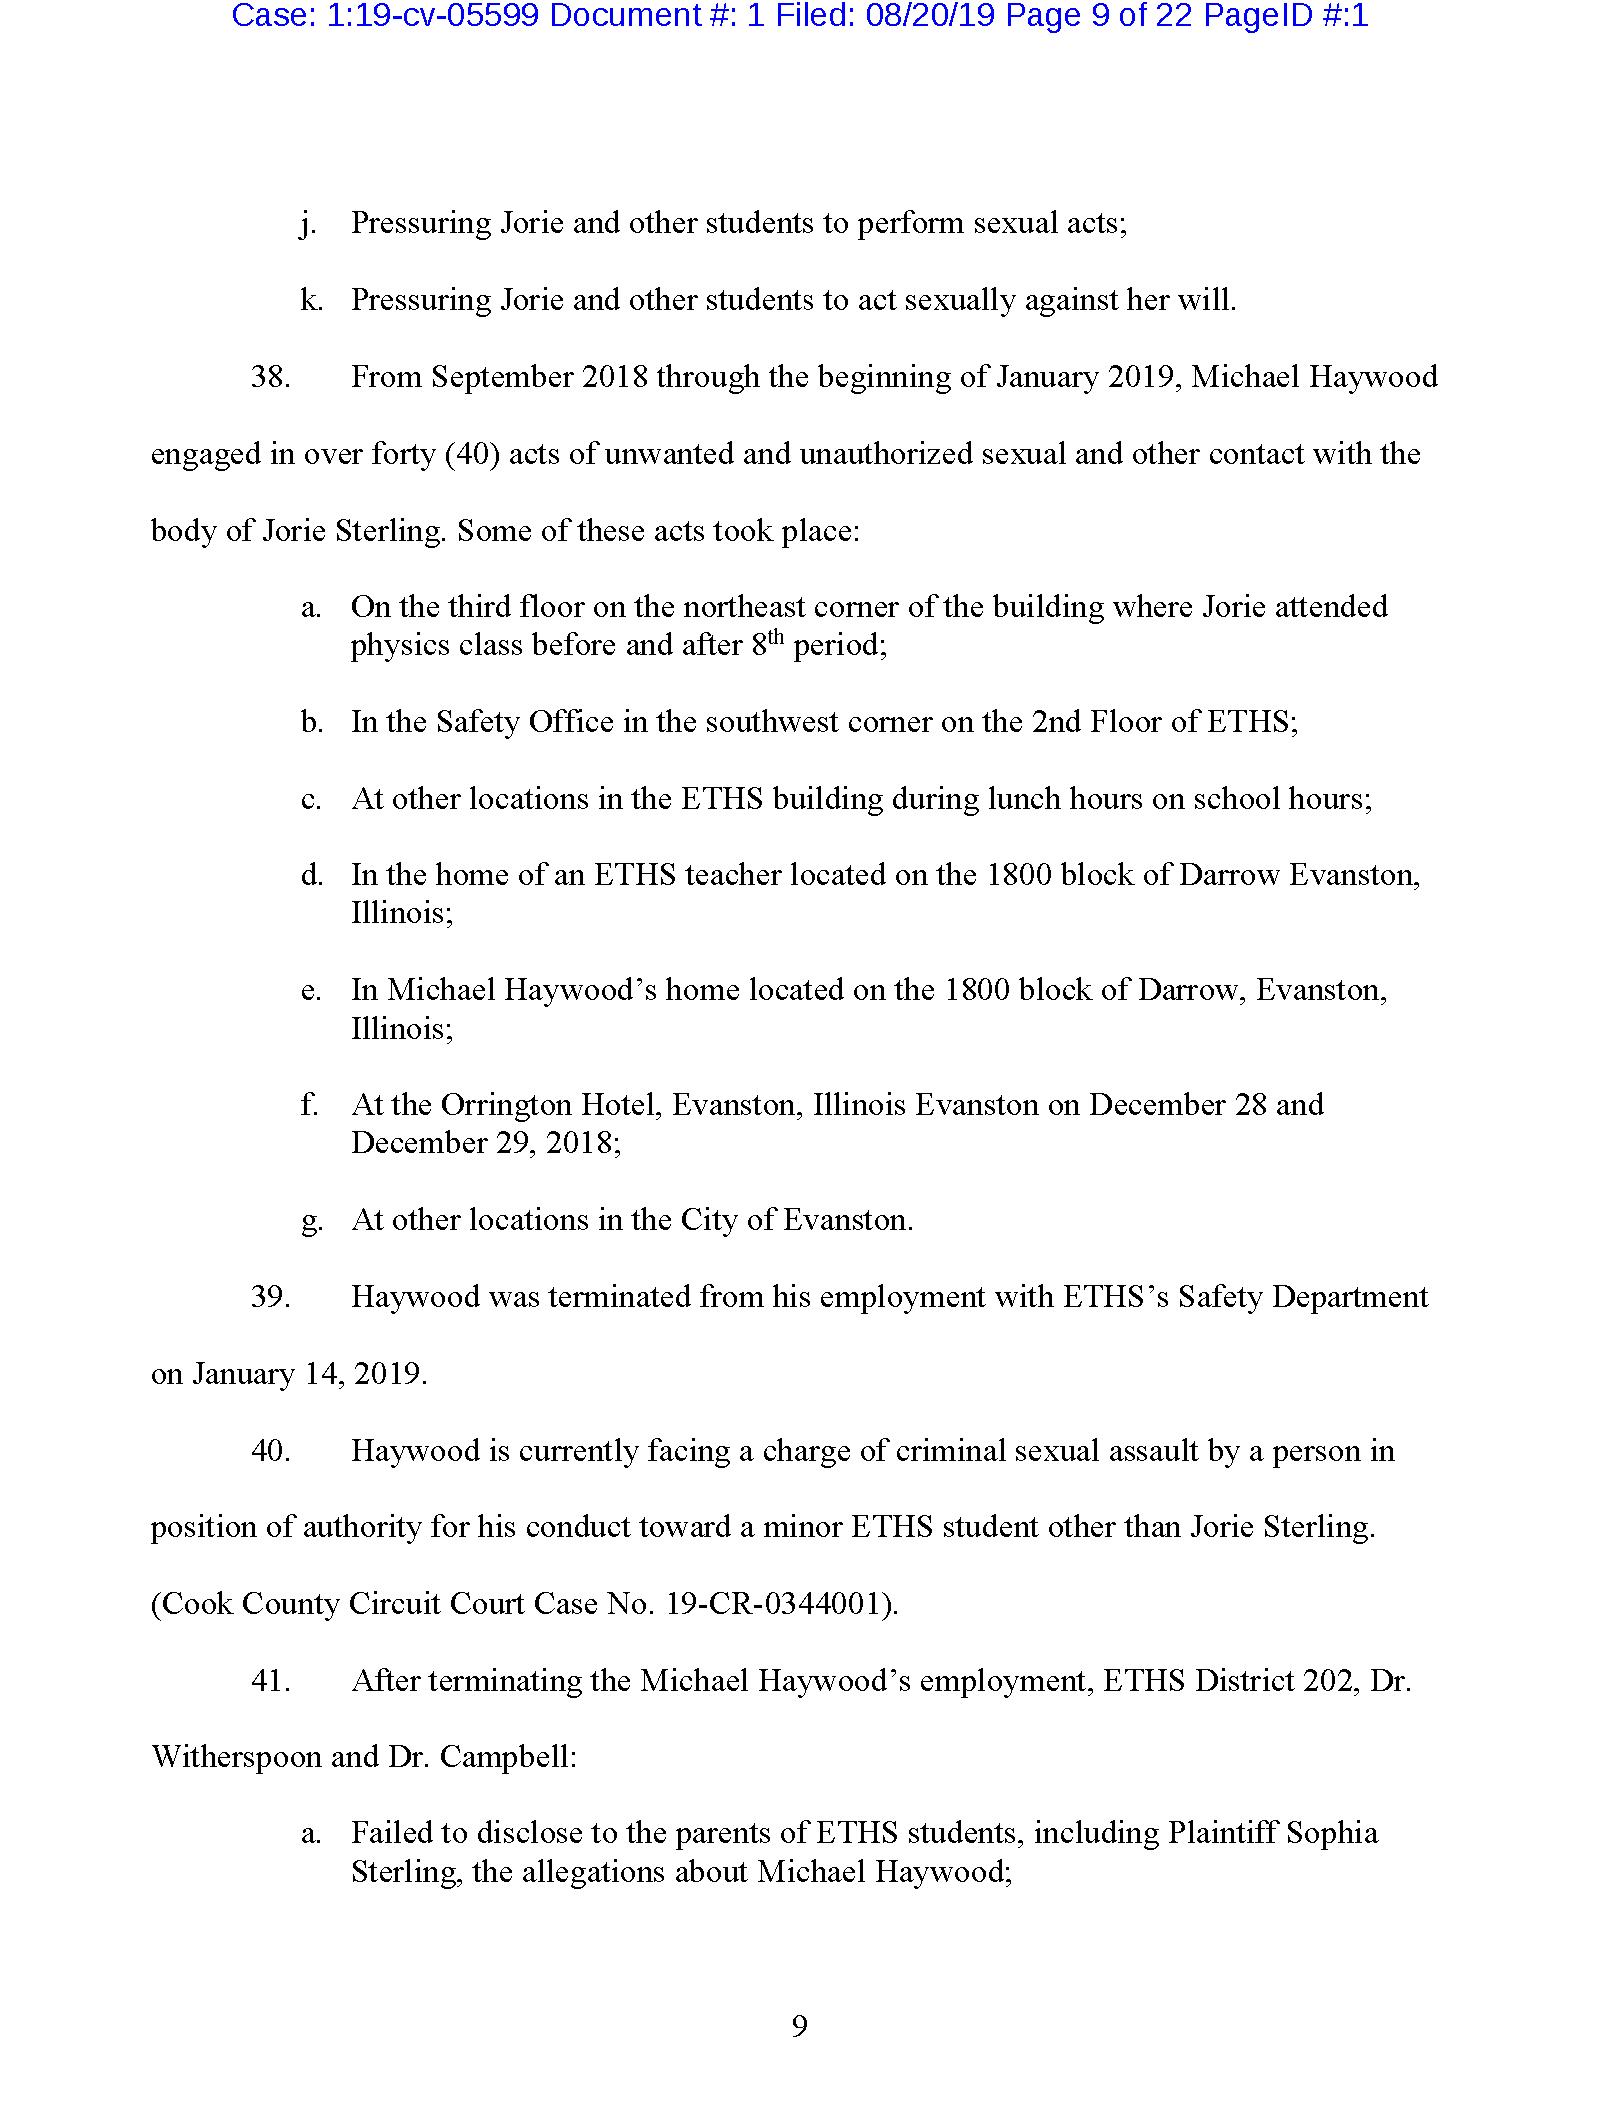 Copy of Complaint0109.png